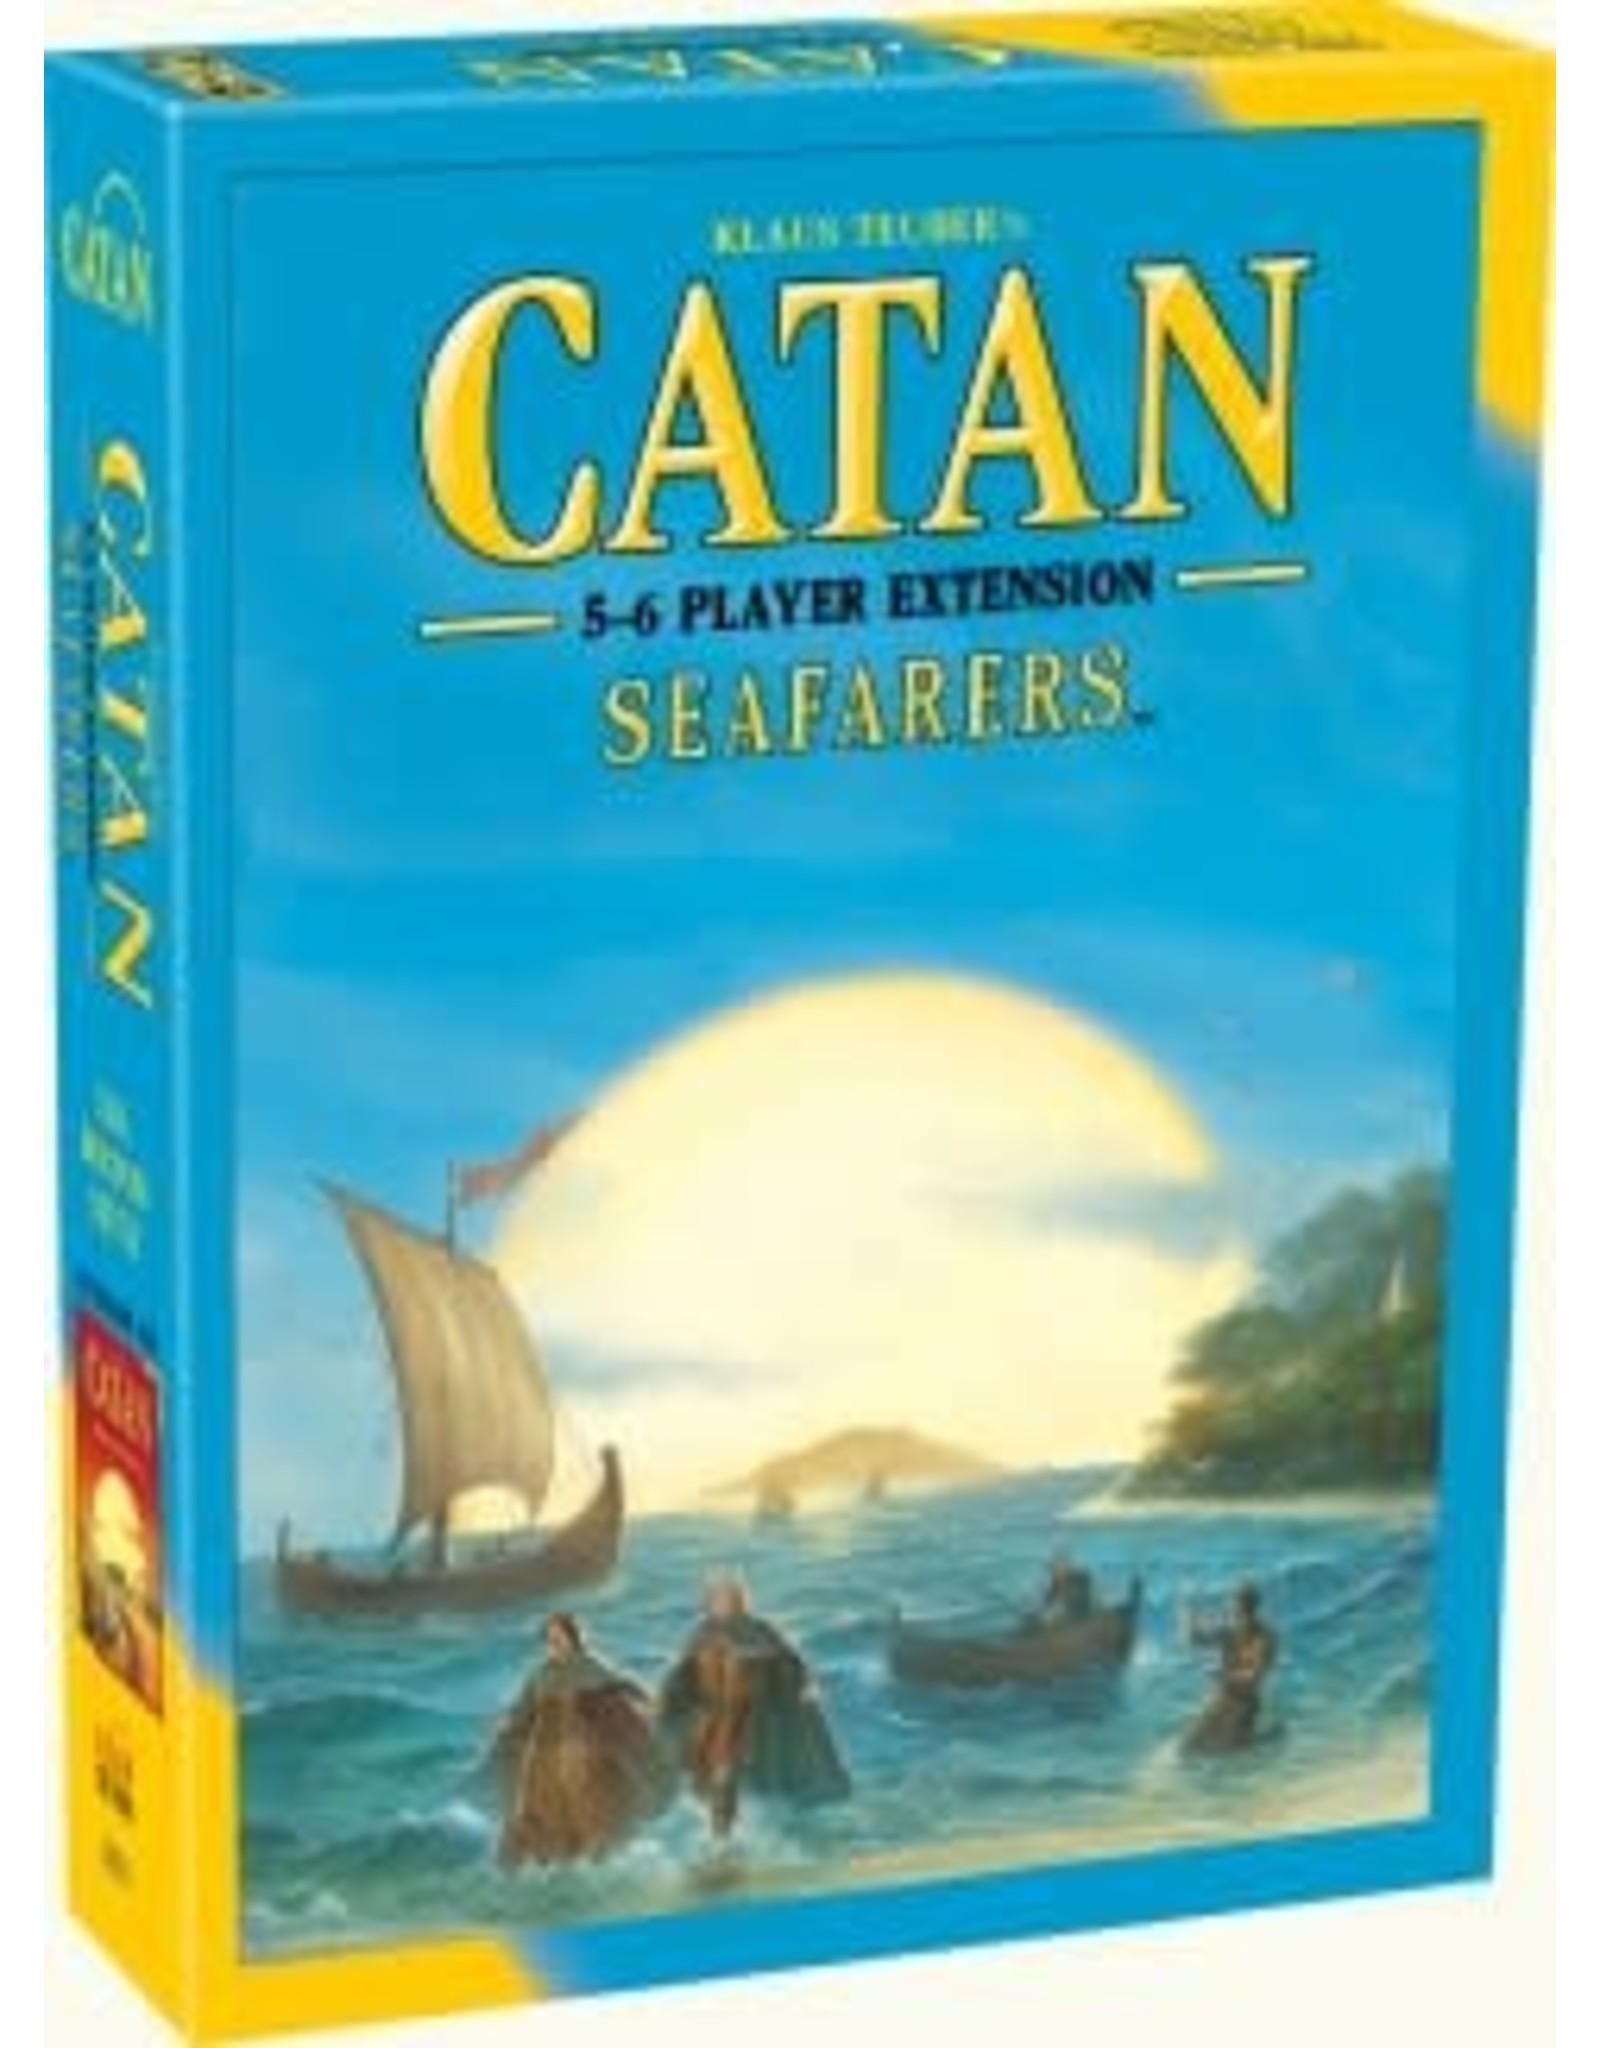 Catan Studio Catan: Seafarers 5-6 Player Extension